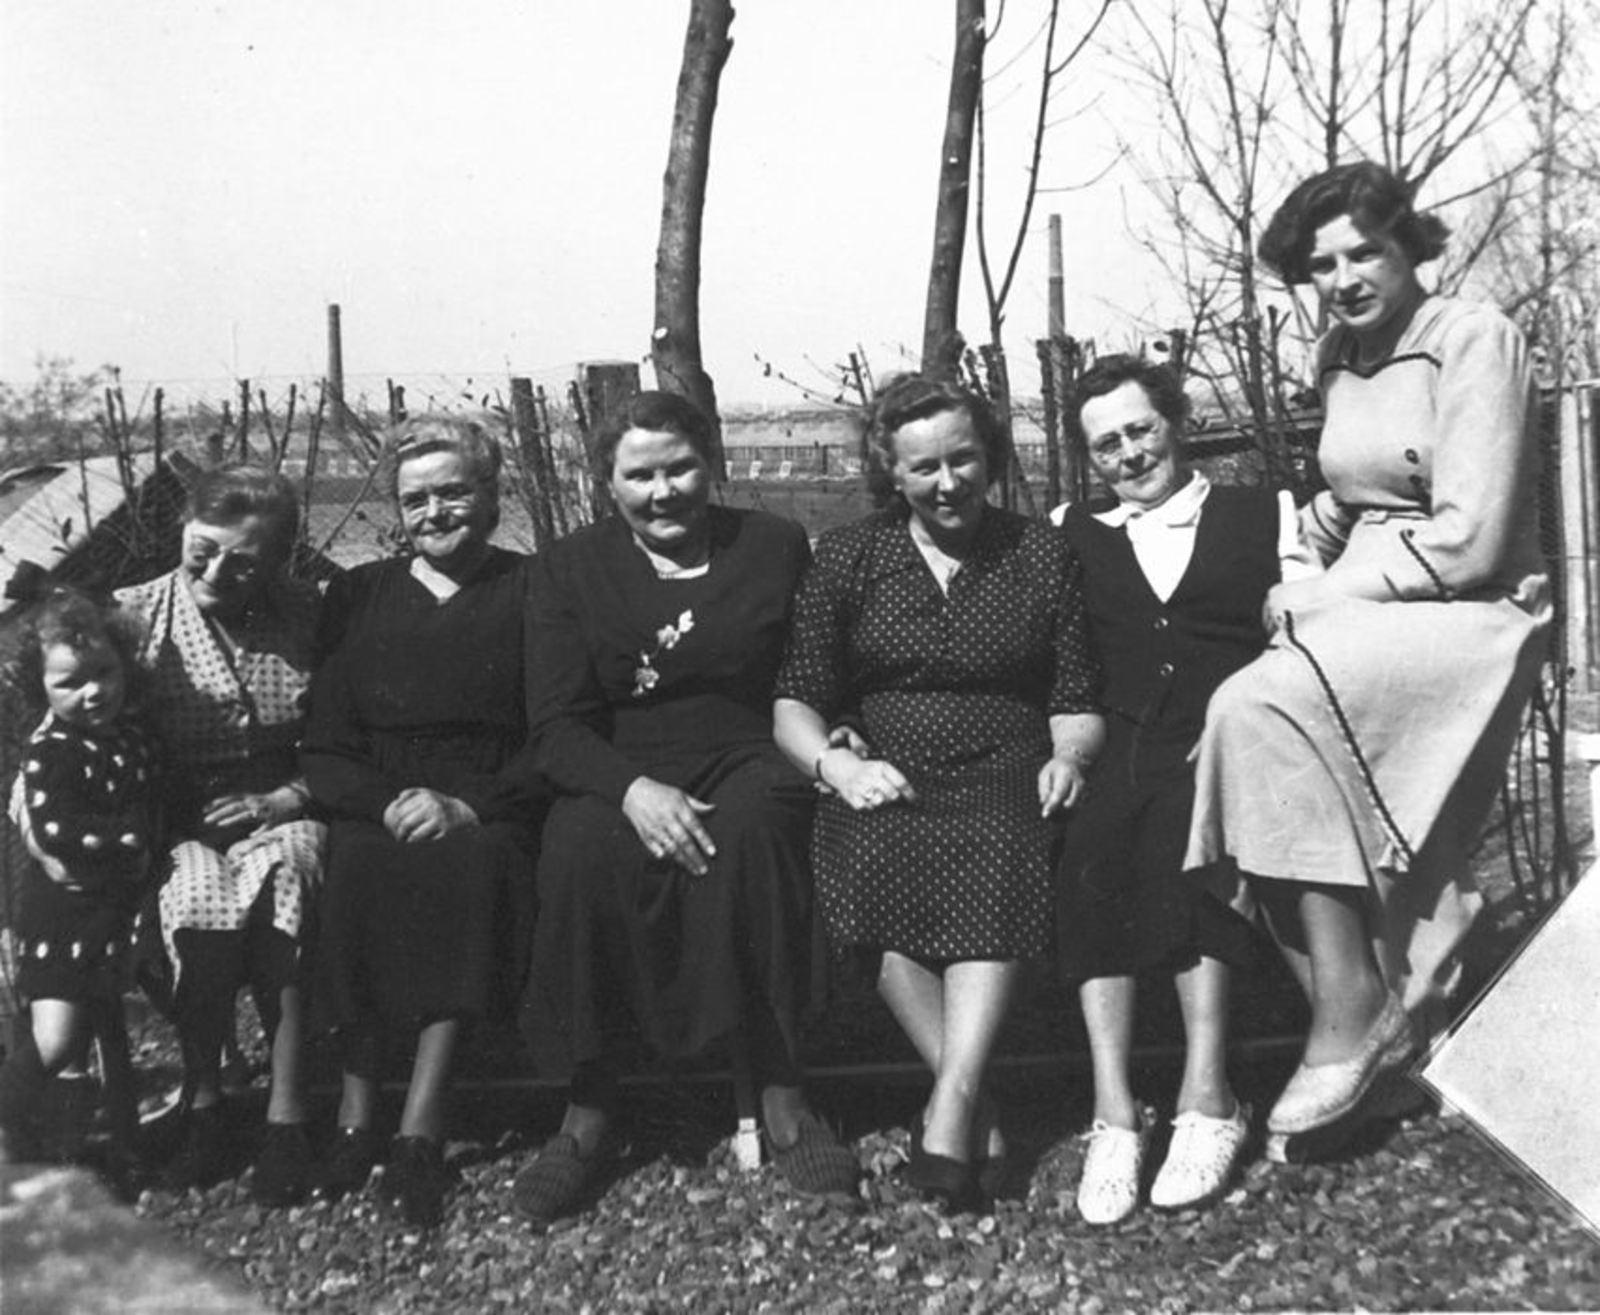 Millenaar-Stout Annie 1898 1950± met Familie op Erf 02